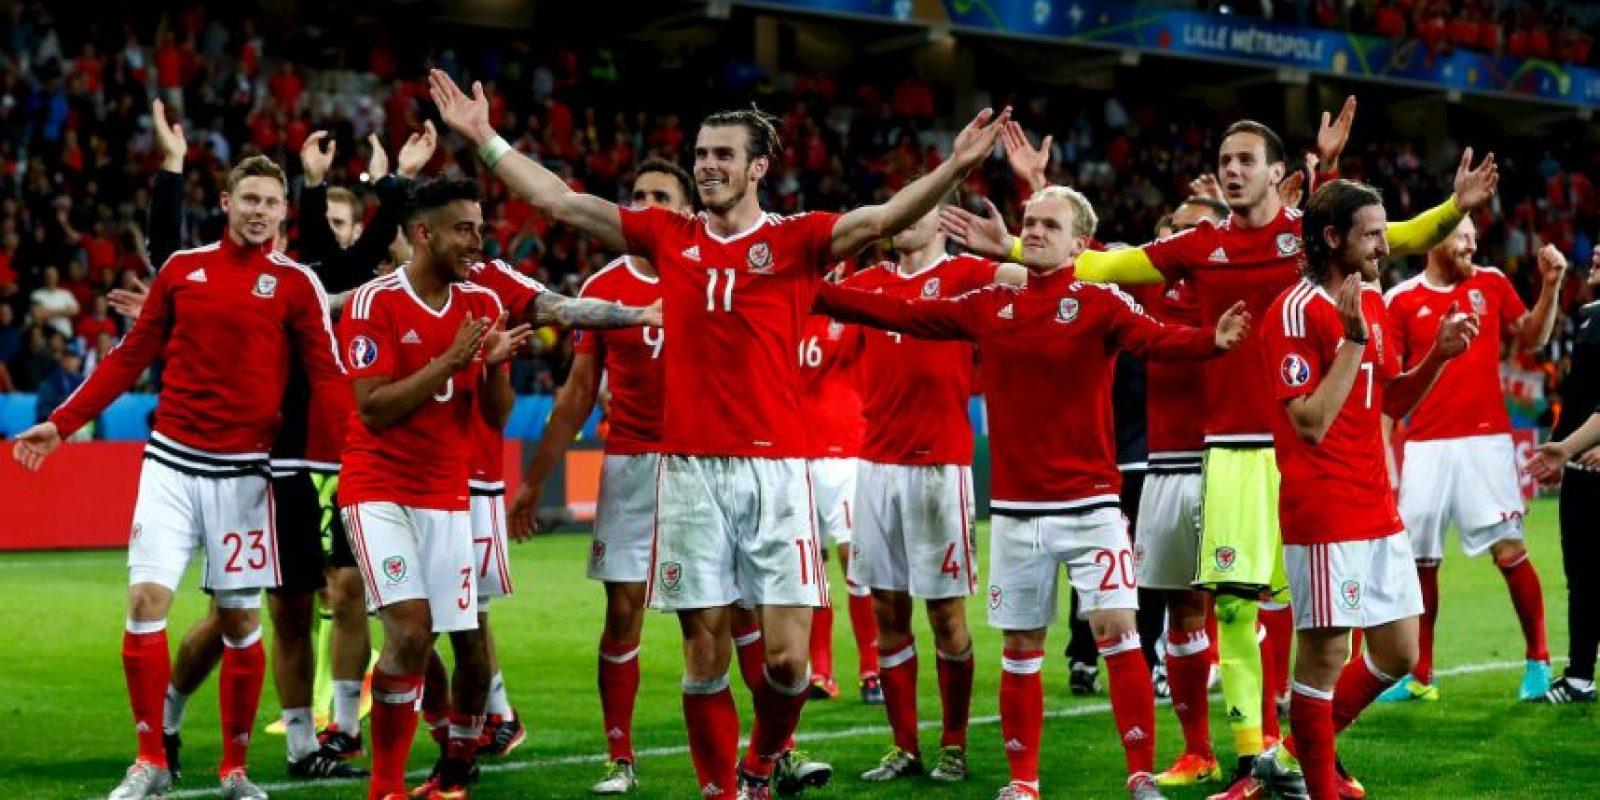 Gales es la gran sorpresa de la Eurocopa y avanzó a semifinales en su debut tras vencer a Bélgica Foto:Getty Images